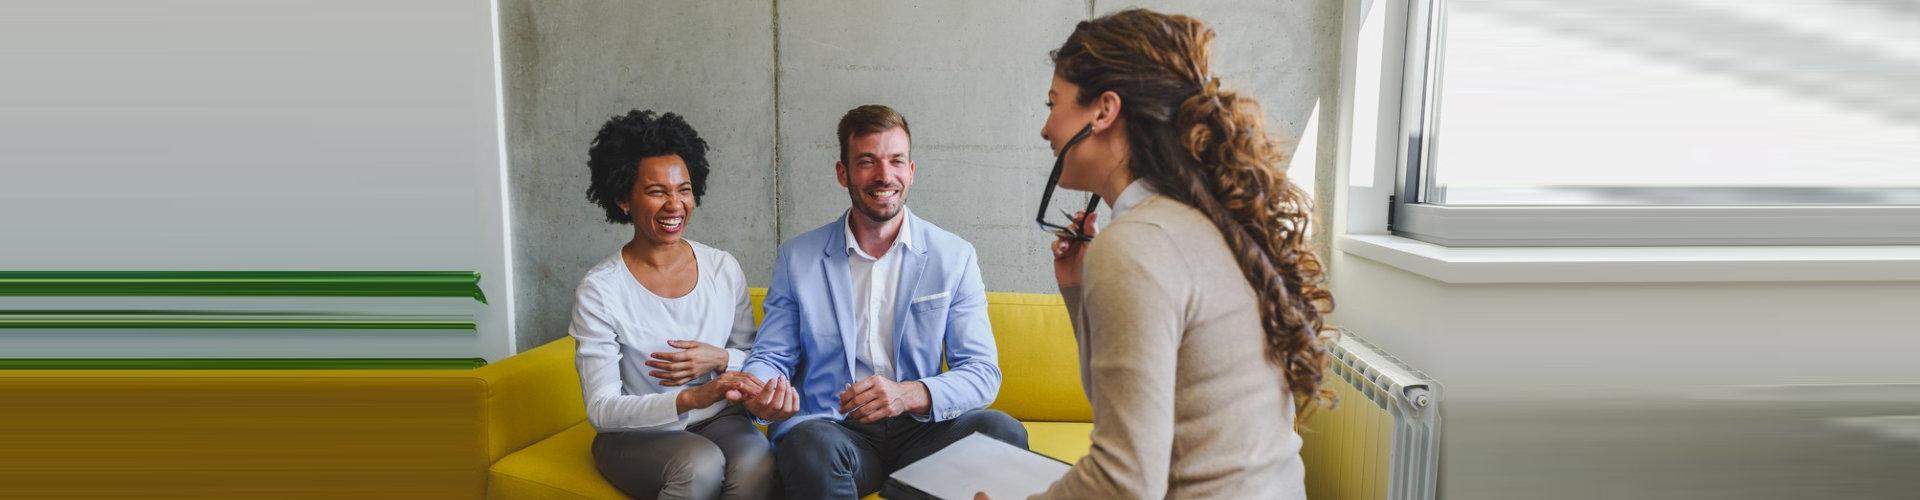 three people talking